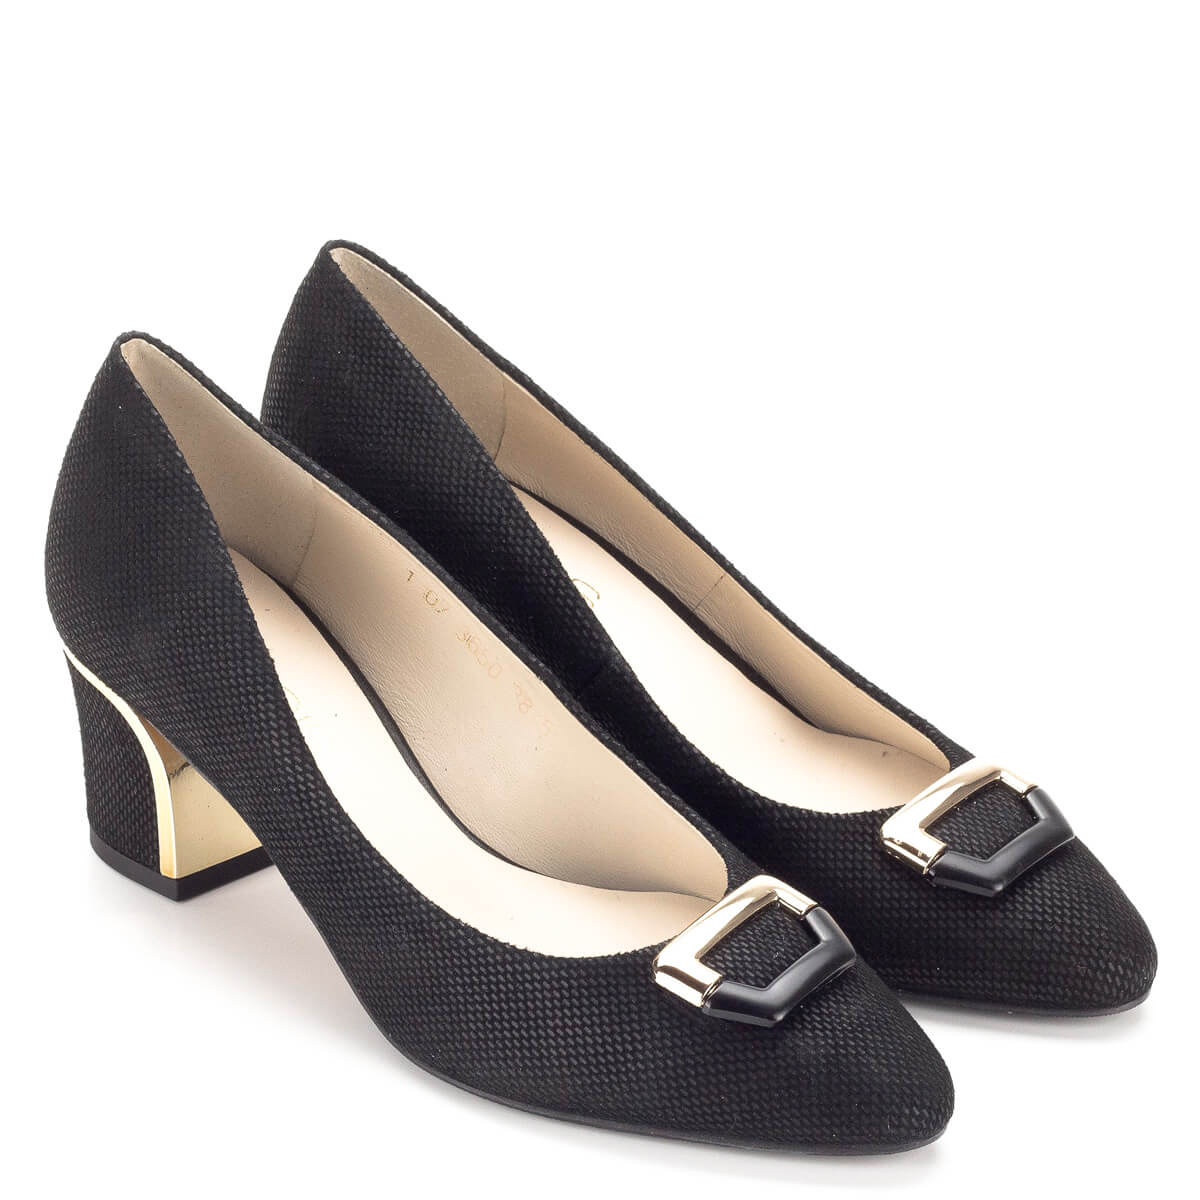 Anis cipő közepes sarokkal, fekete színű Alkalmi cipők